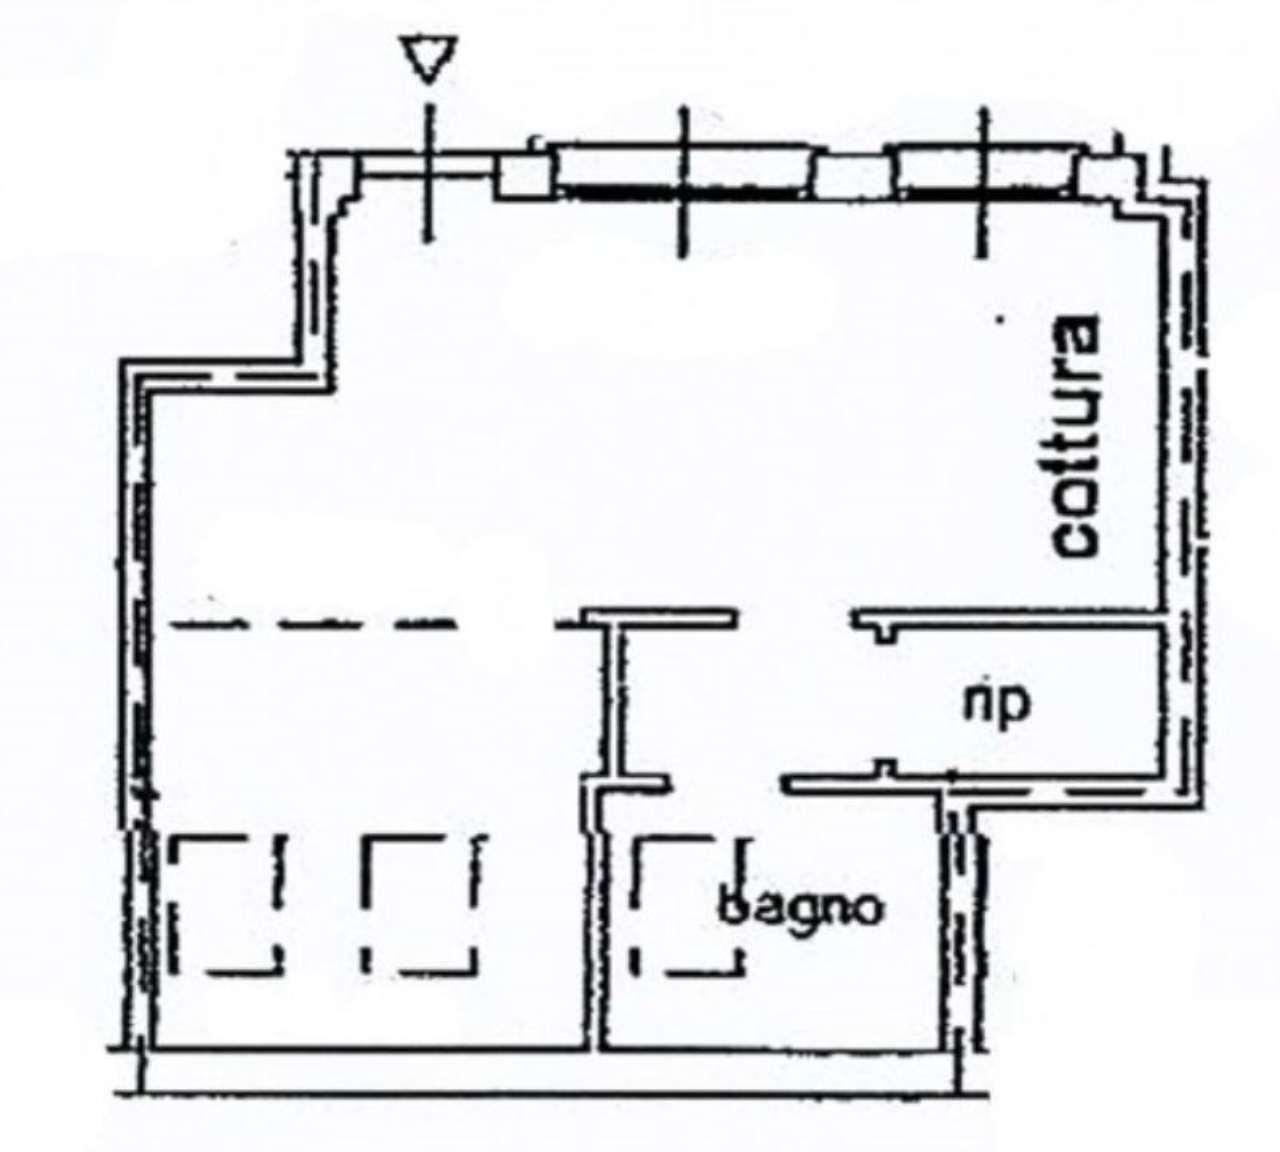 Vendita  bilocale Barlassina Via Alessandro Manzoni 1 863549